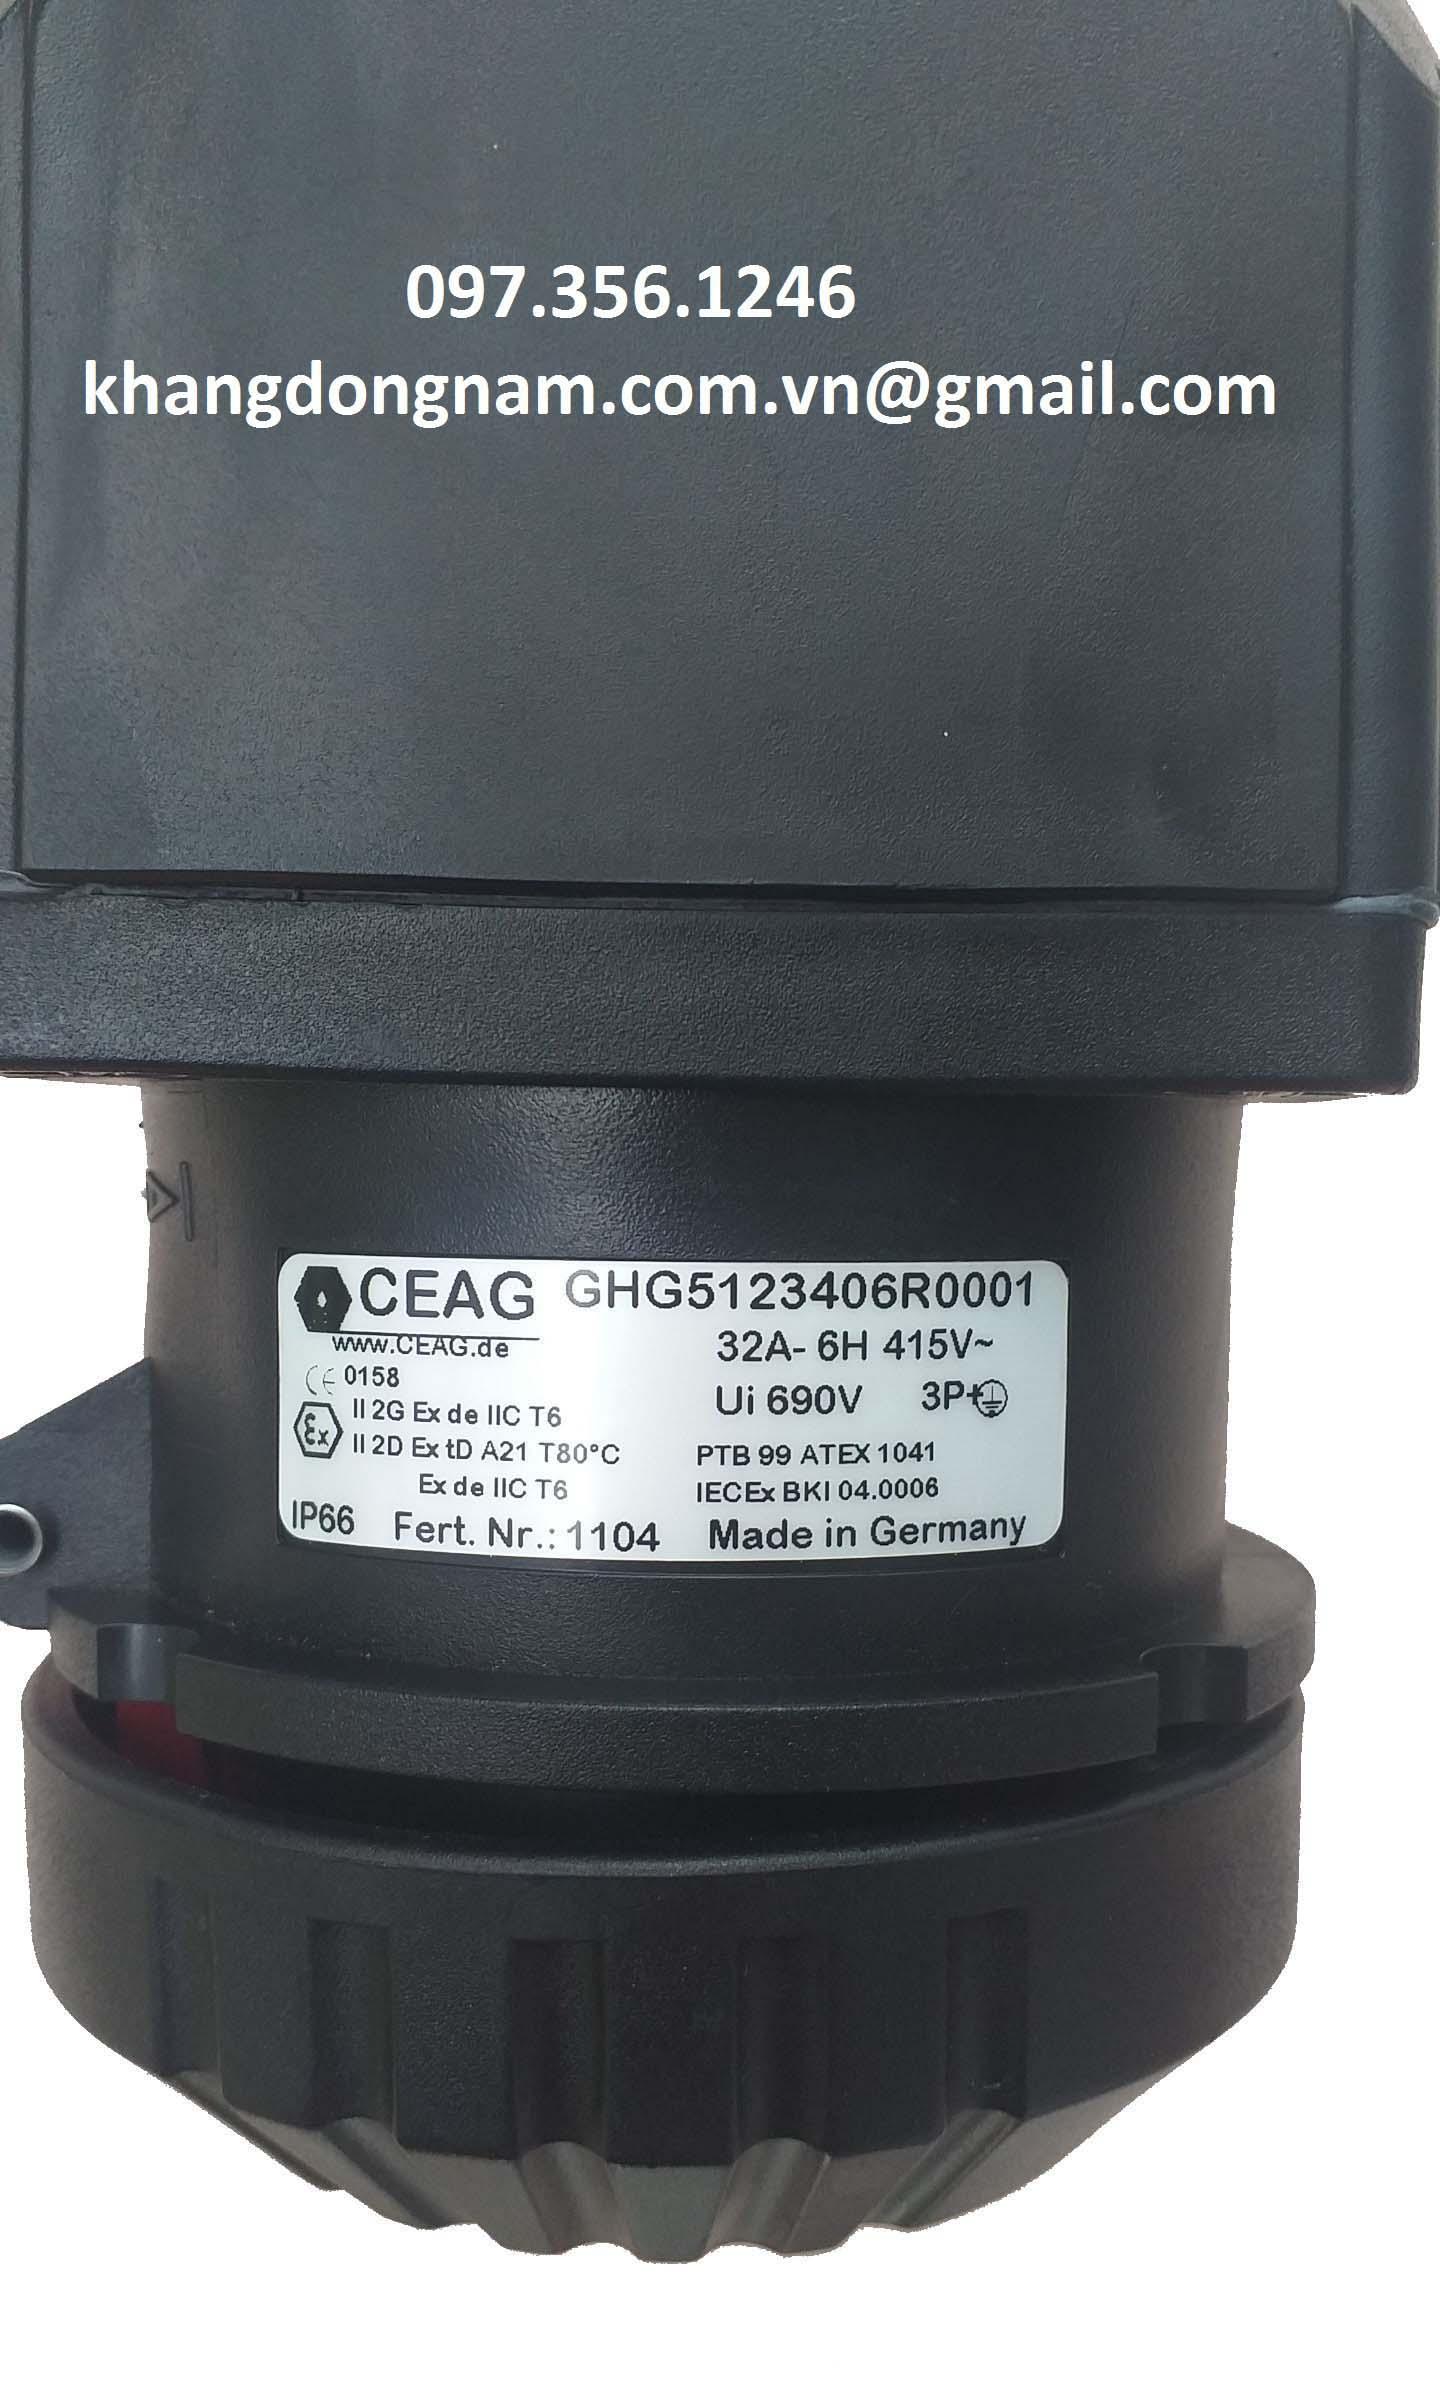 Ổ cắm chống cháy nổ CEAG GHG5123406R0001 (9)